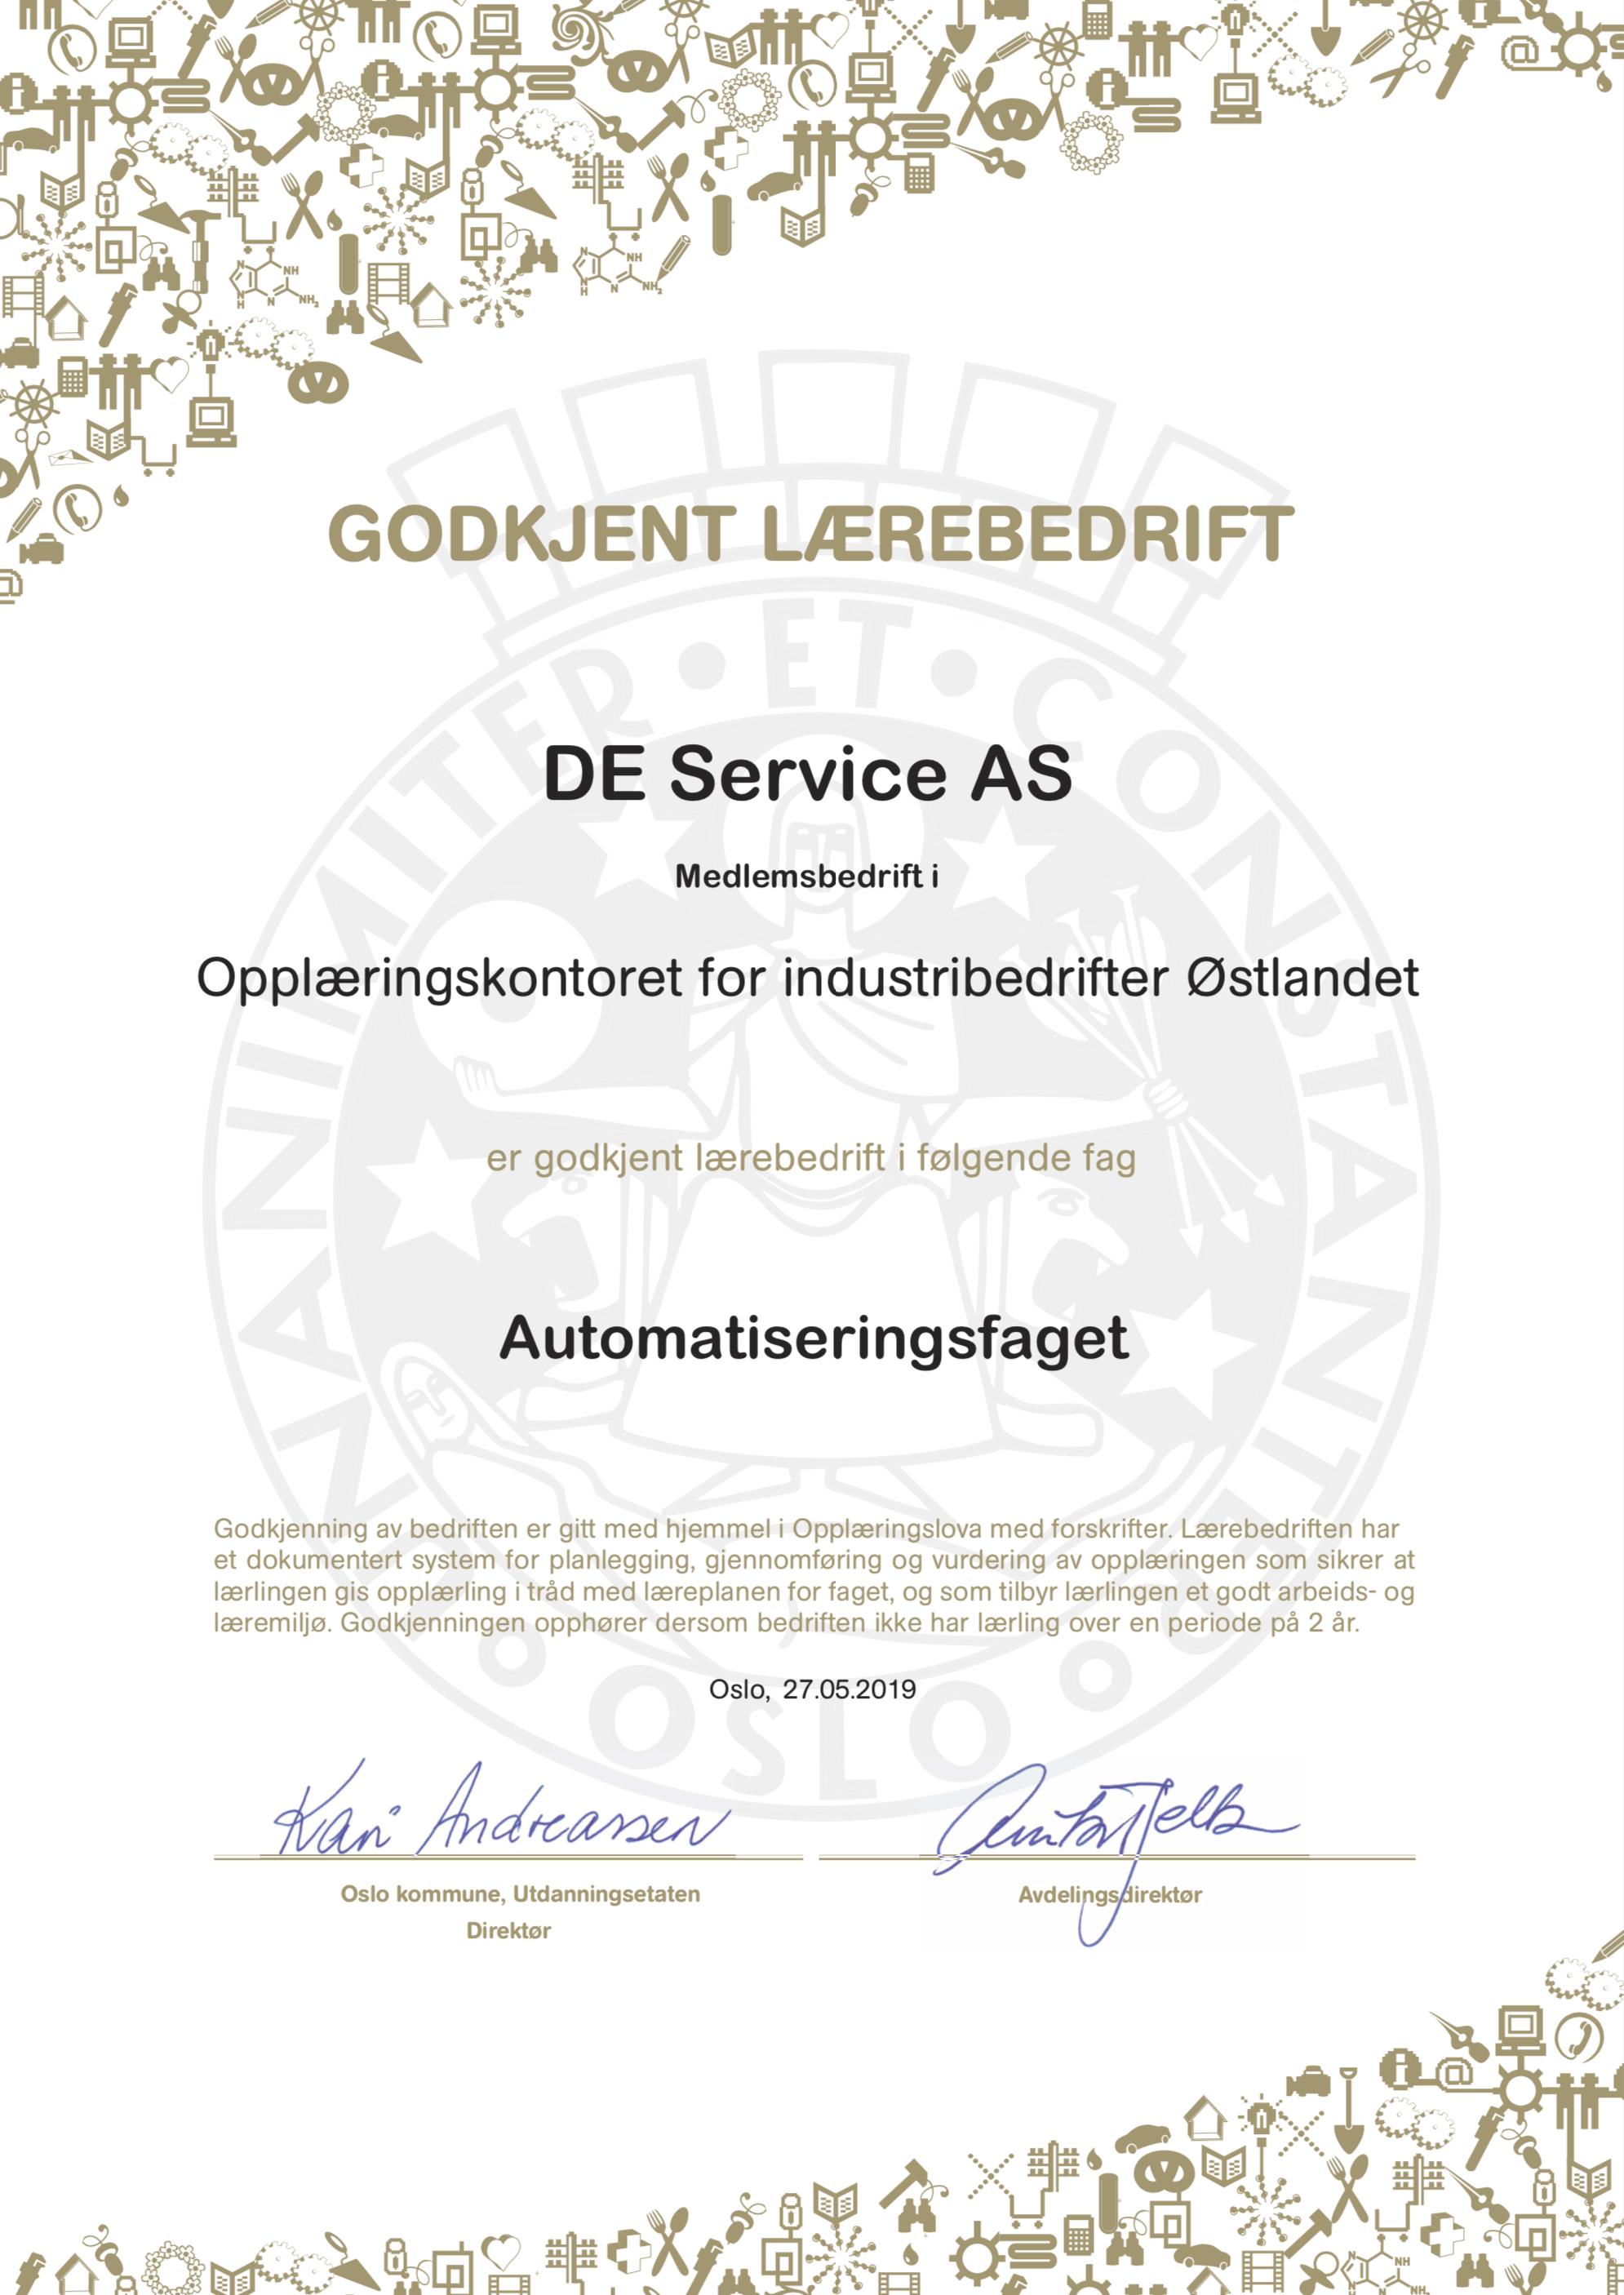 de-service-godkjent-lærebedrift.png